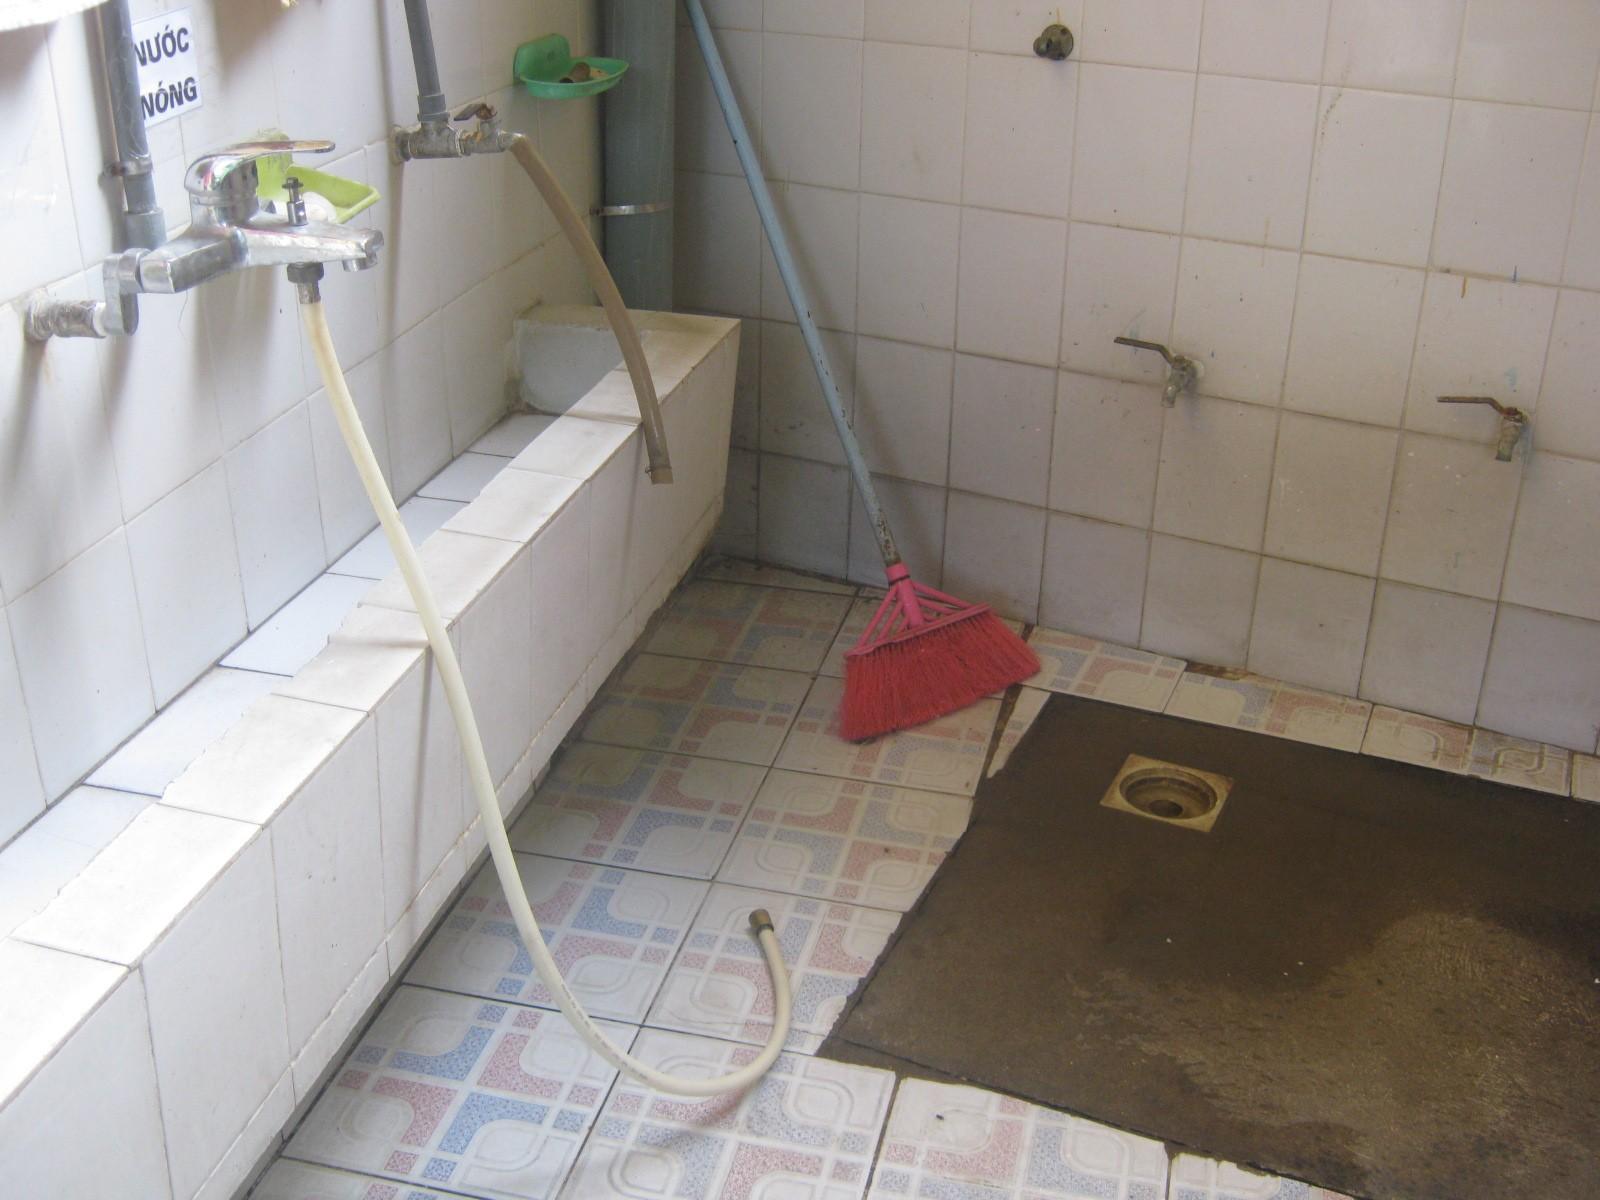 Xôn xao vụ việc trẻ mầm non bị bỏng do cô giáo dùng vòi nước nóng xịt rửa - Ảnh 4.